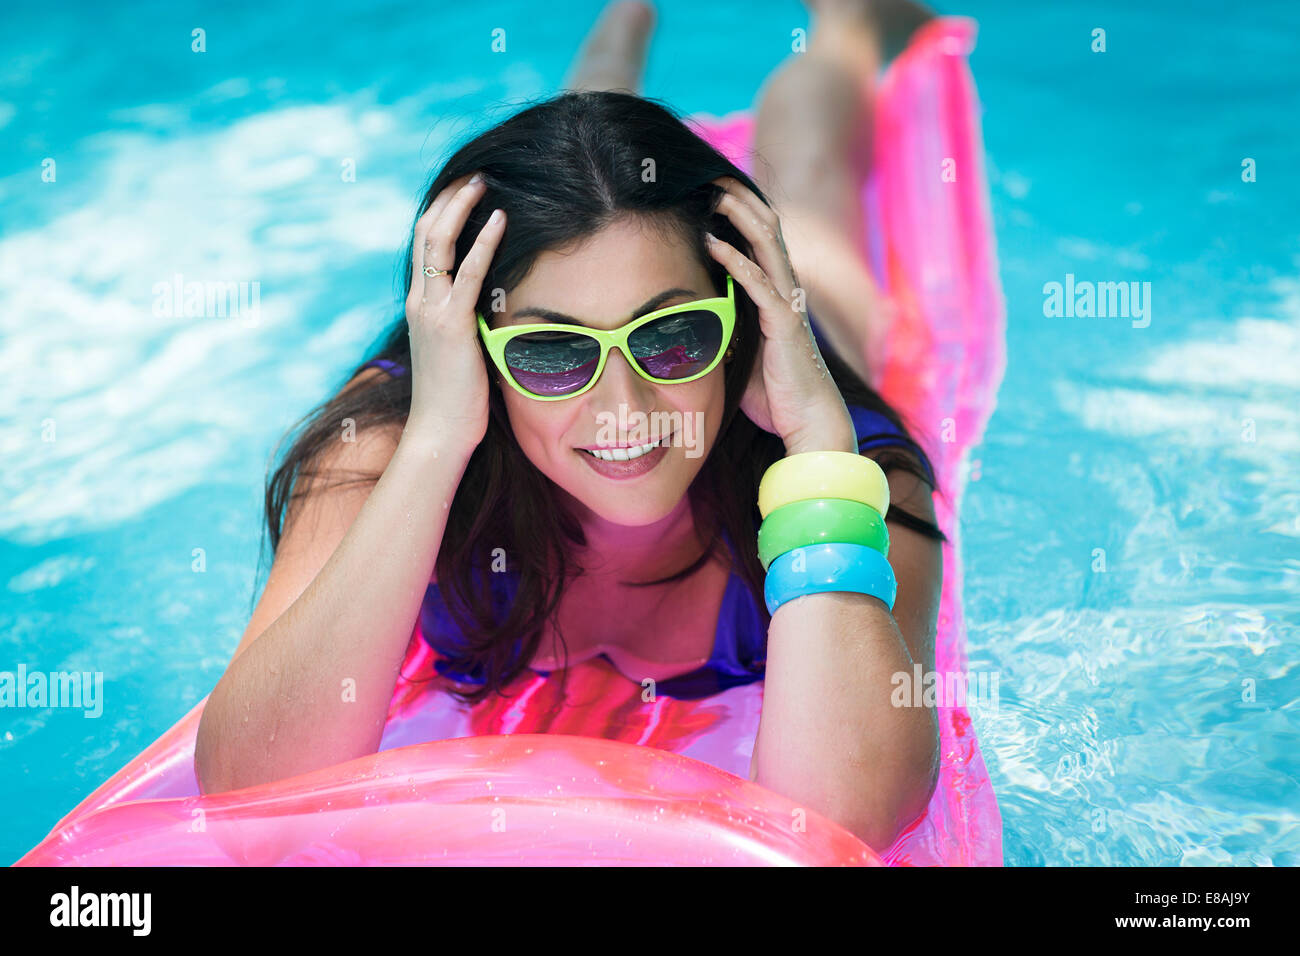 Portr t der jungen frau auf luftmatratze im pool for Pool aus gummi